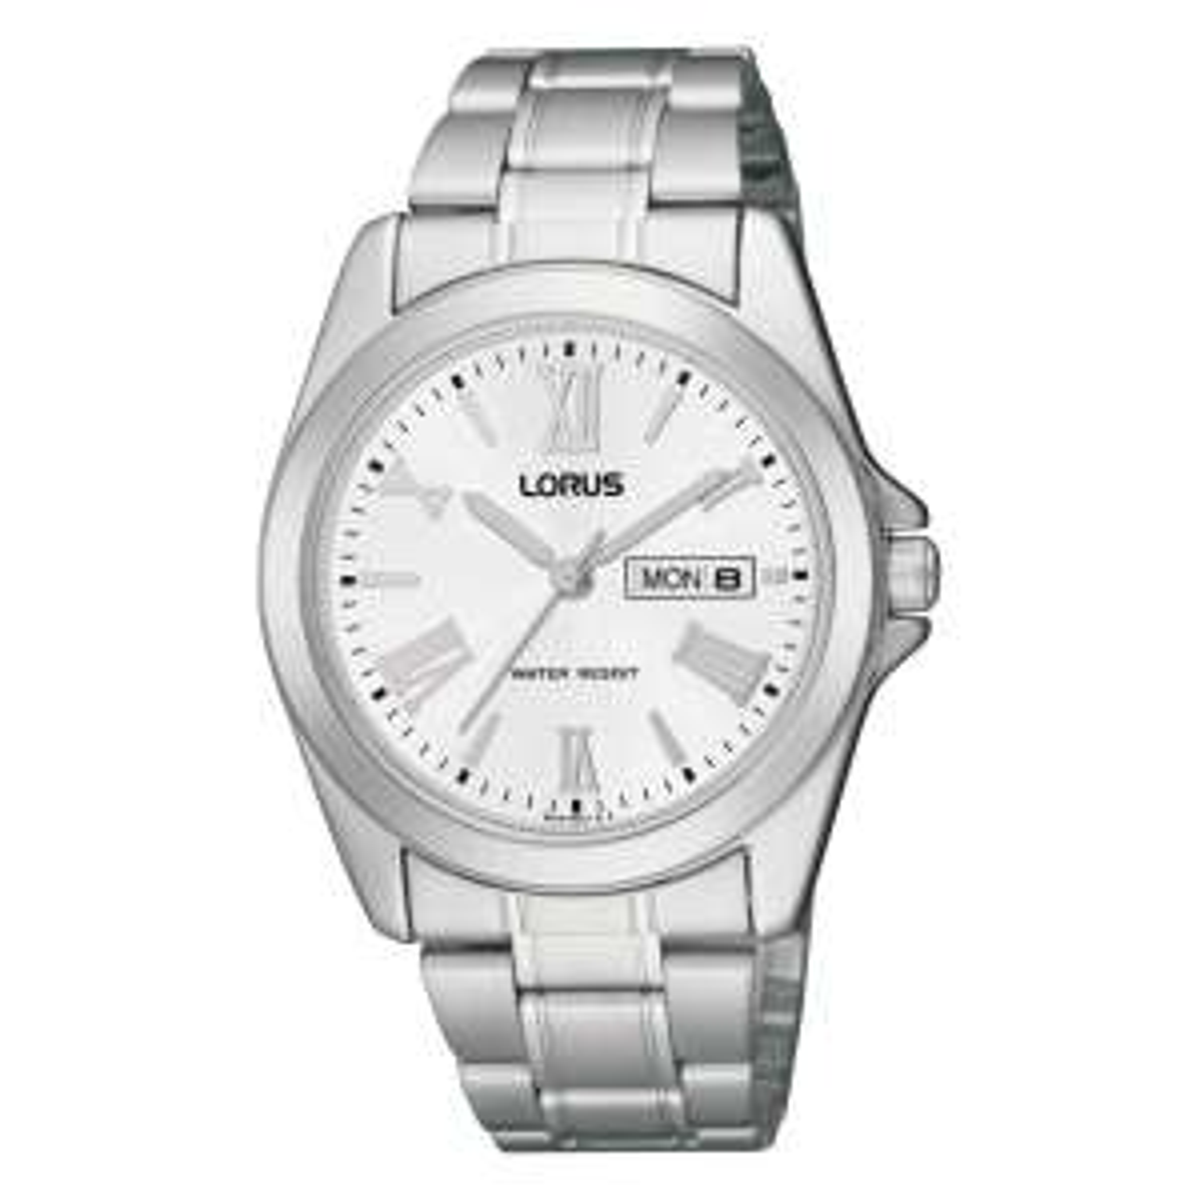 Zegarek Lorus RJ639AX9- WATCHES2U, klasyczny na bransolecie z datownikiem za 92 zł!